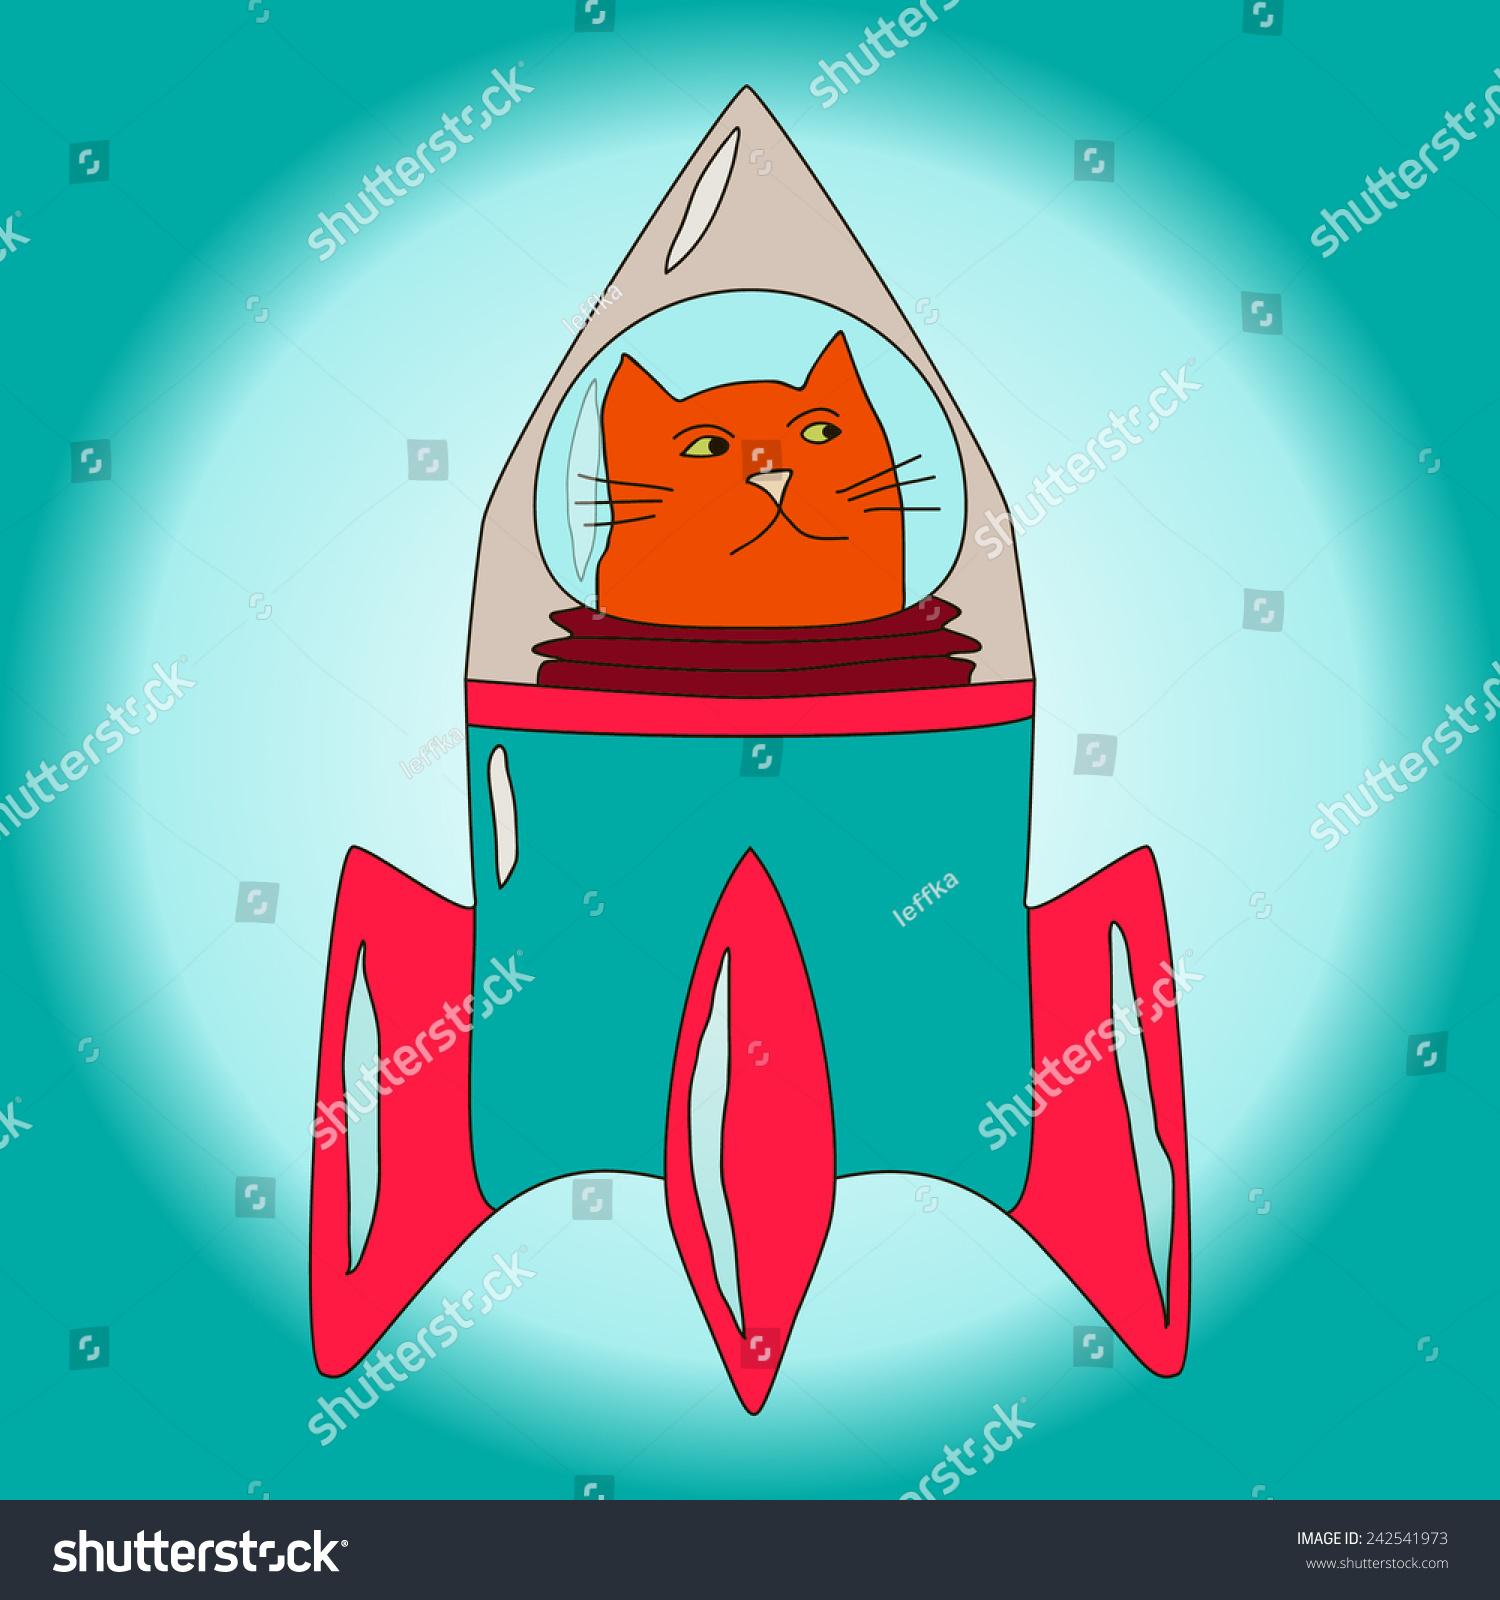 rocket space suit illustrations - photo #36